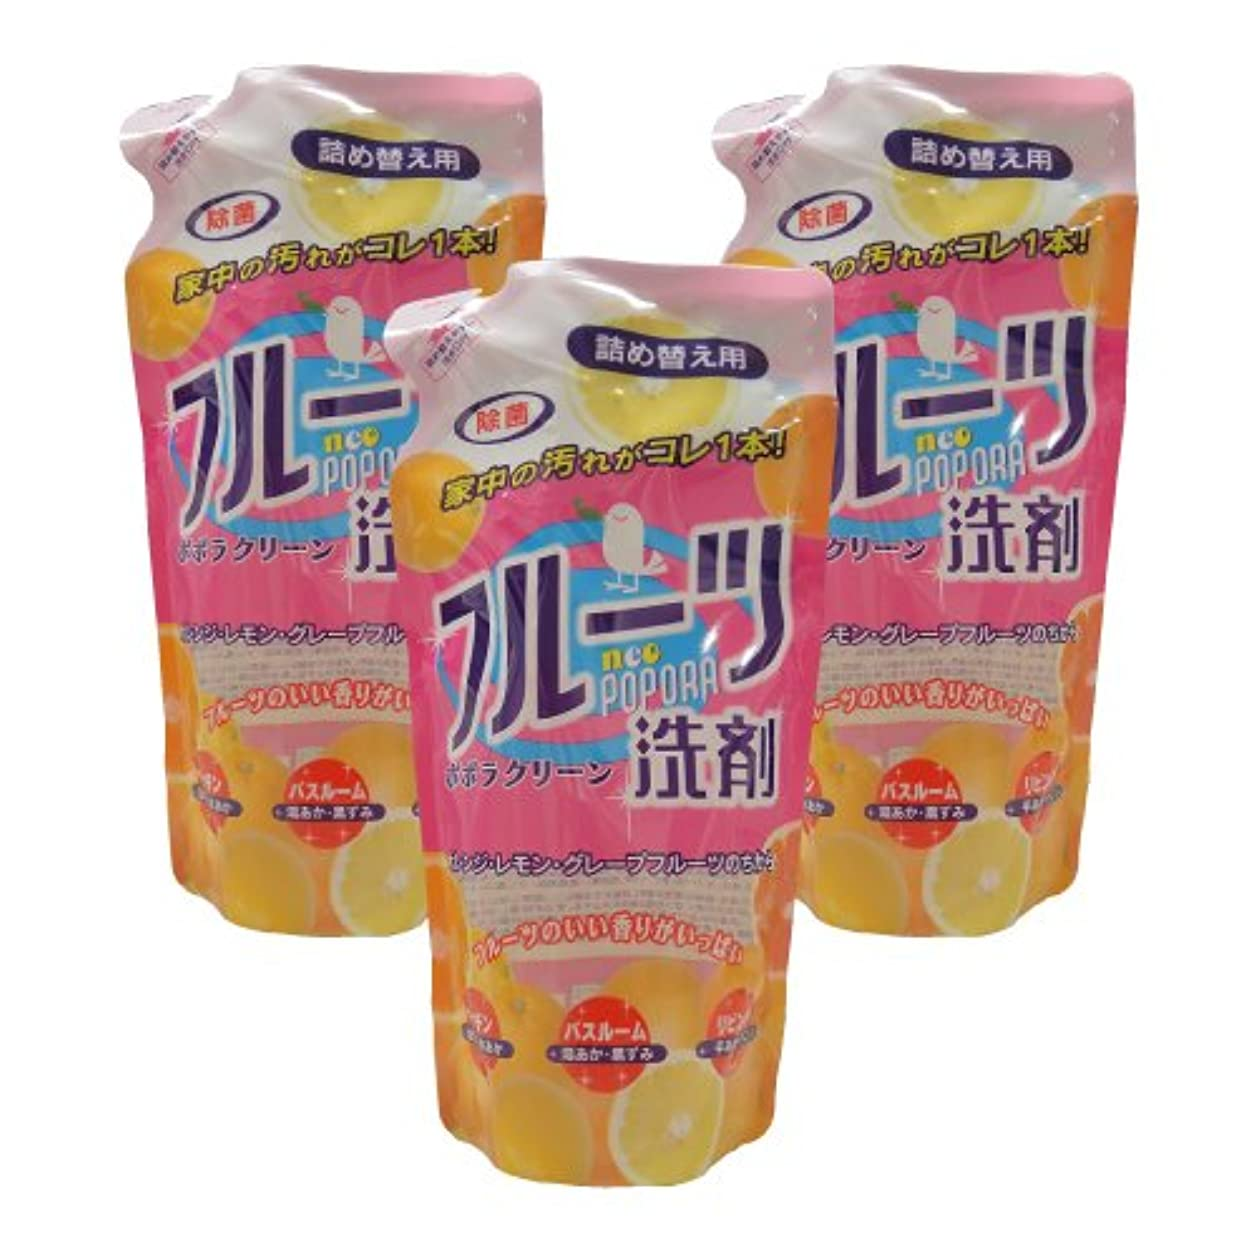 ベルベット回転させる血まみれのフルーツ洗剤ネオポポラ ポポラクリーン詰め替え用360ml 3個セット